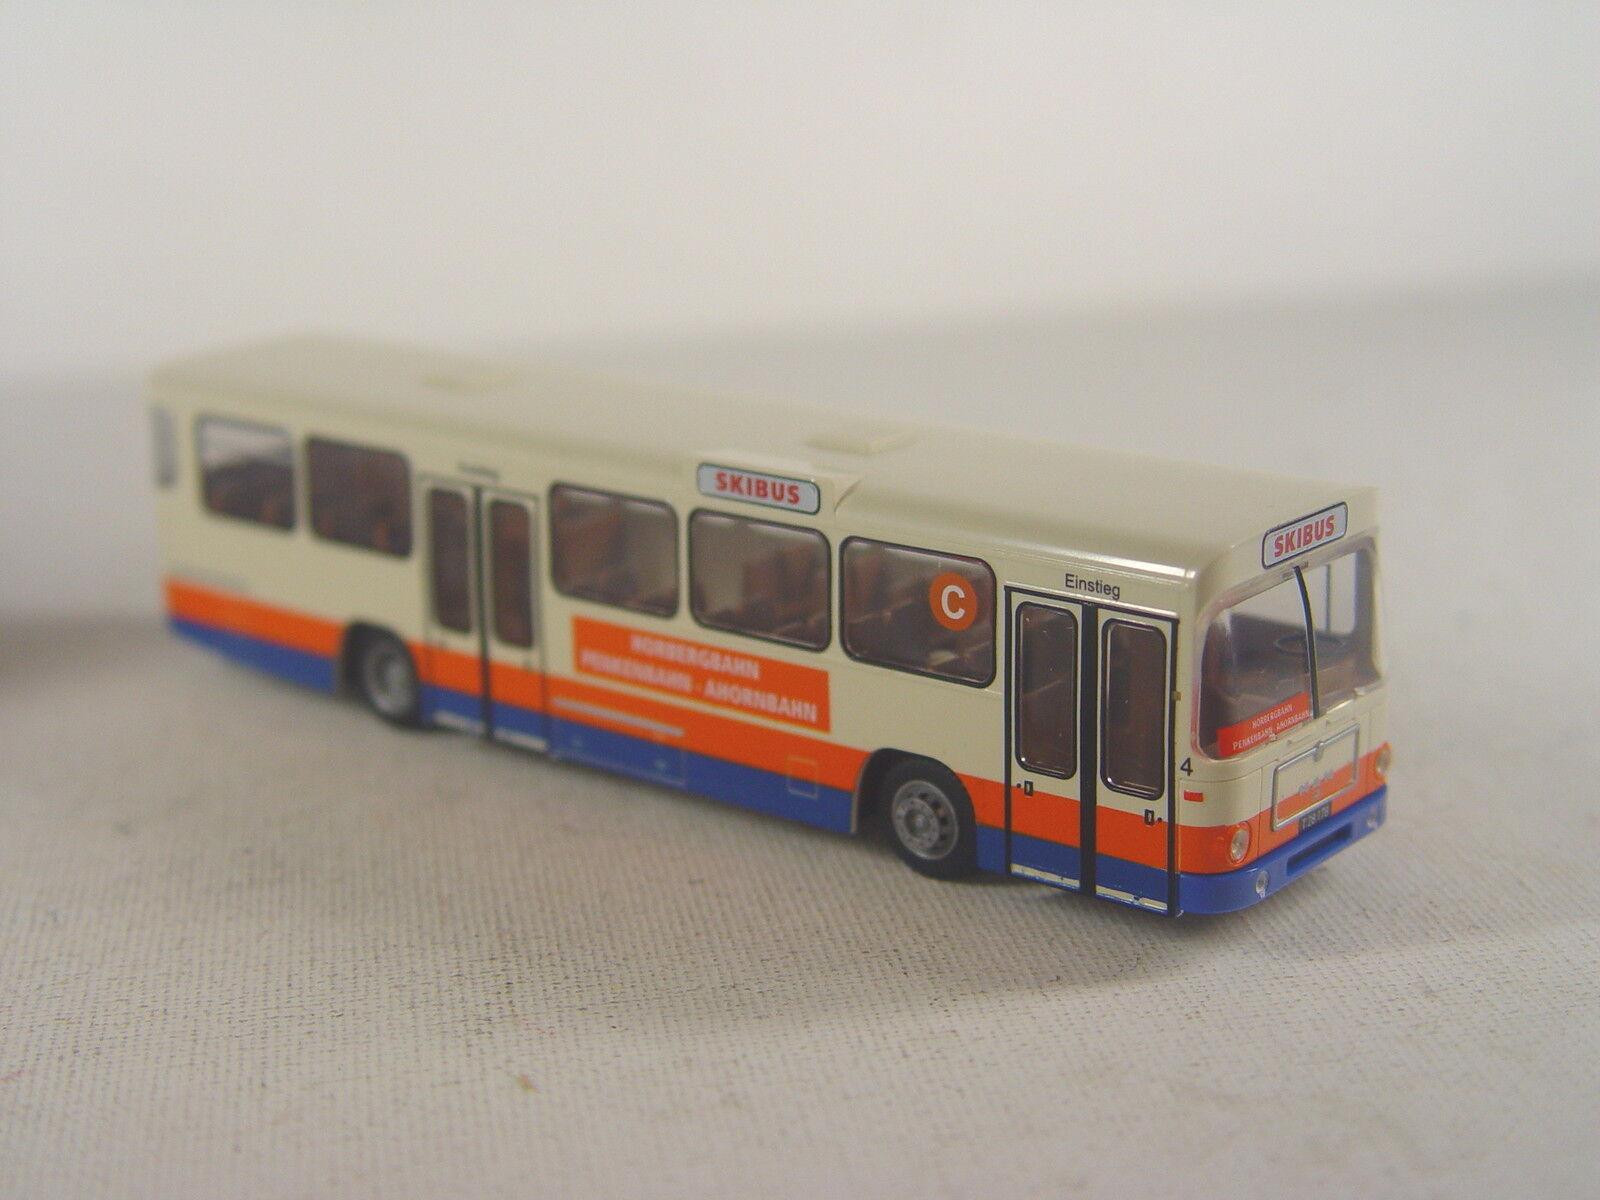 Skibus on sl200 le zillertalbahn-rietze HO - 1 87 - 72318   E